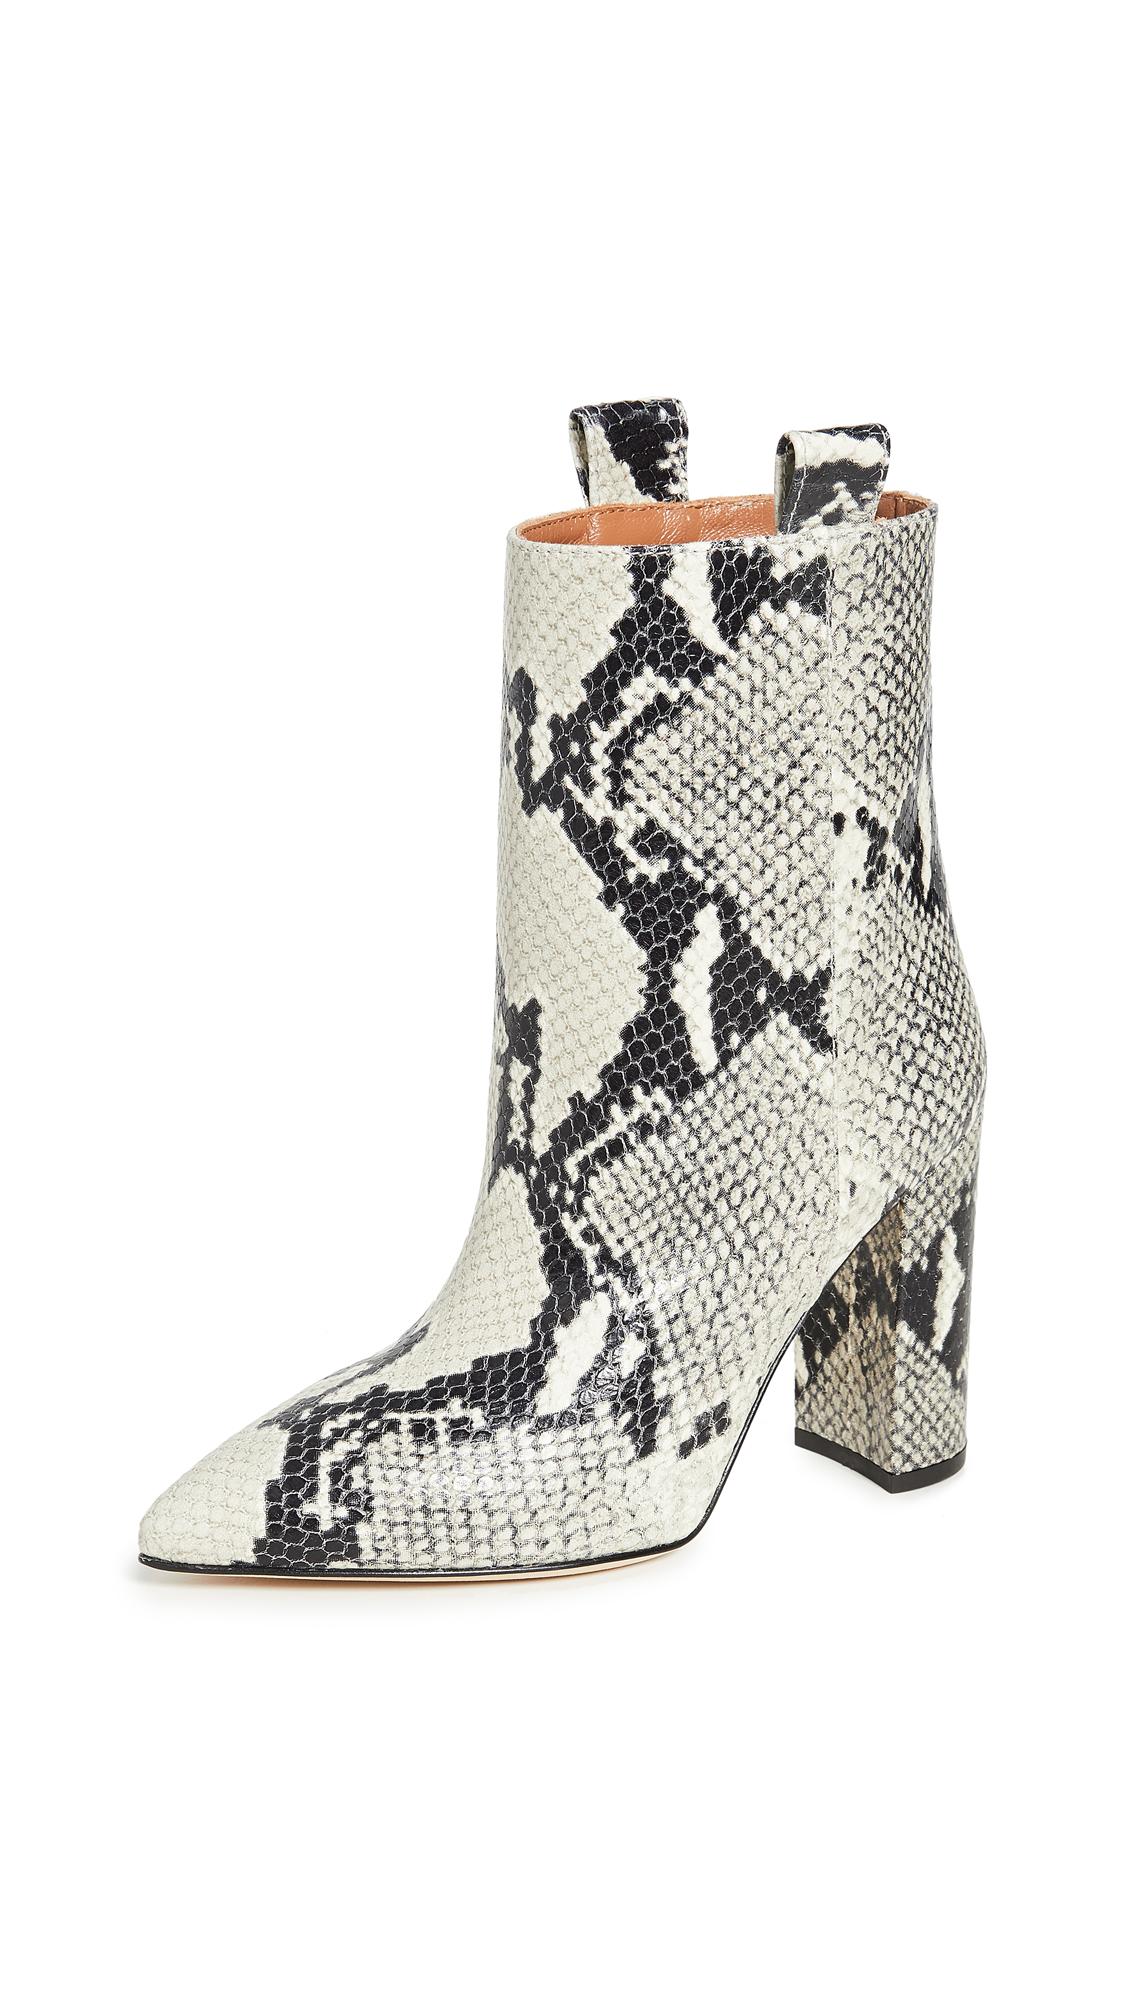 Buy Paris Texas Snake Print Ankle Boots 100mm online, shop Paris Texas